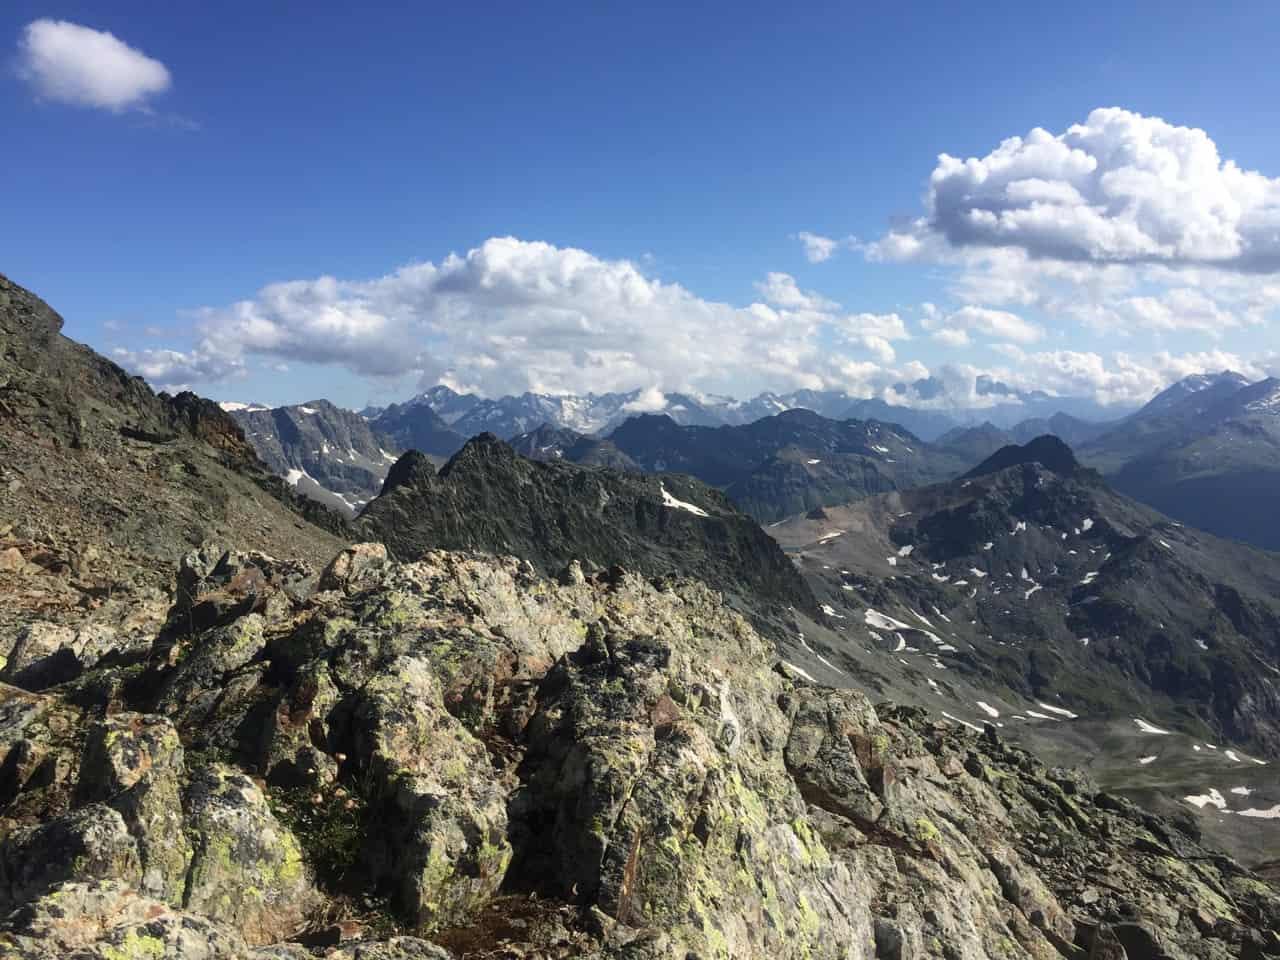 auszeit schweiz in graubünden, ausbild auf das bergpanorama